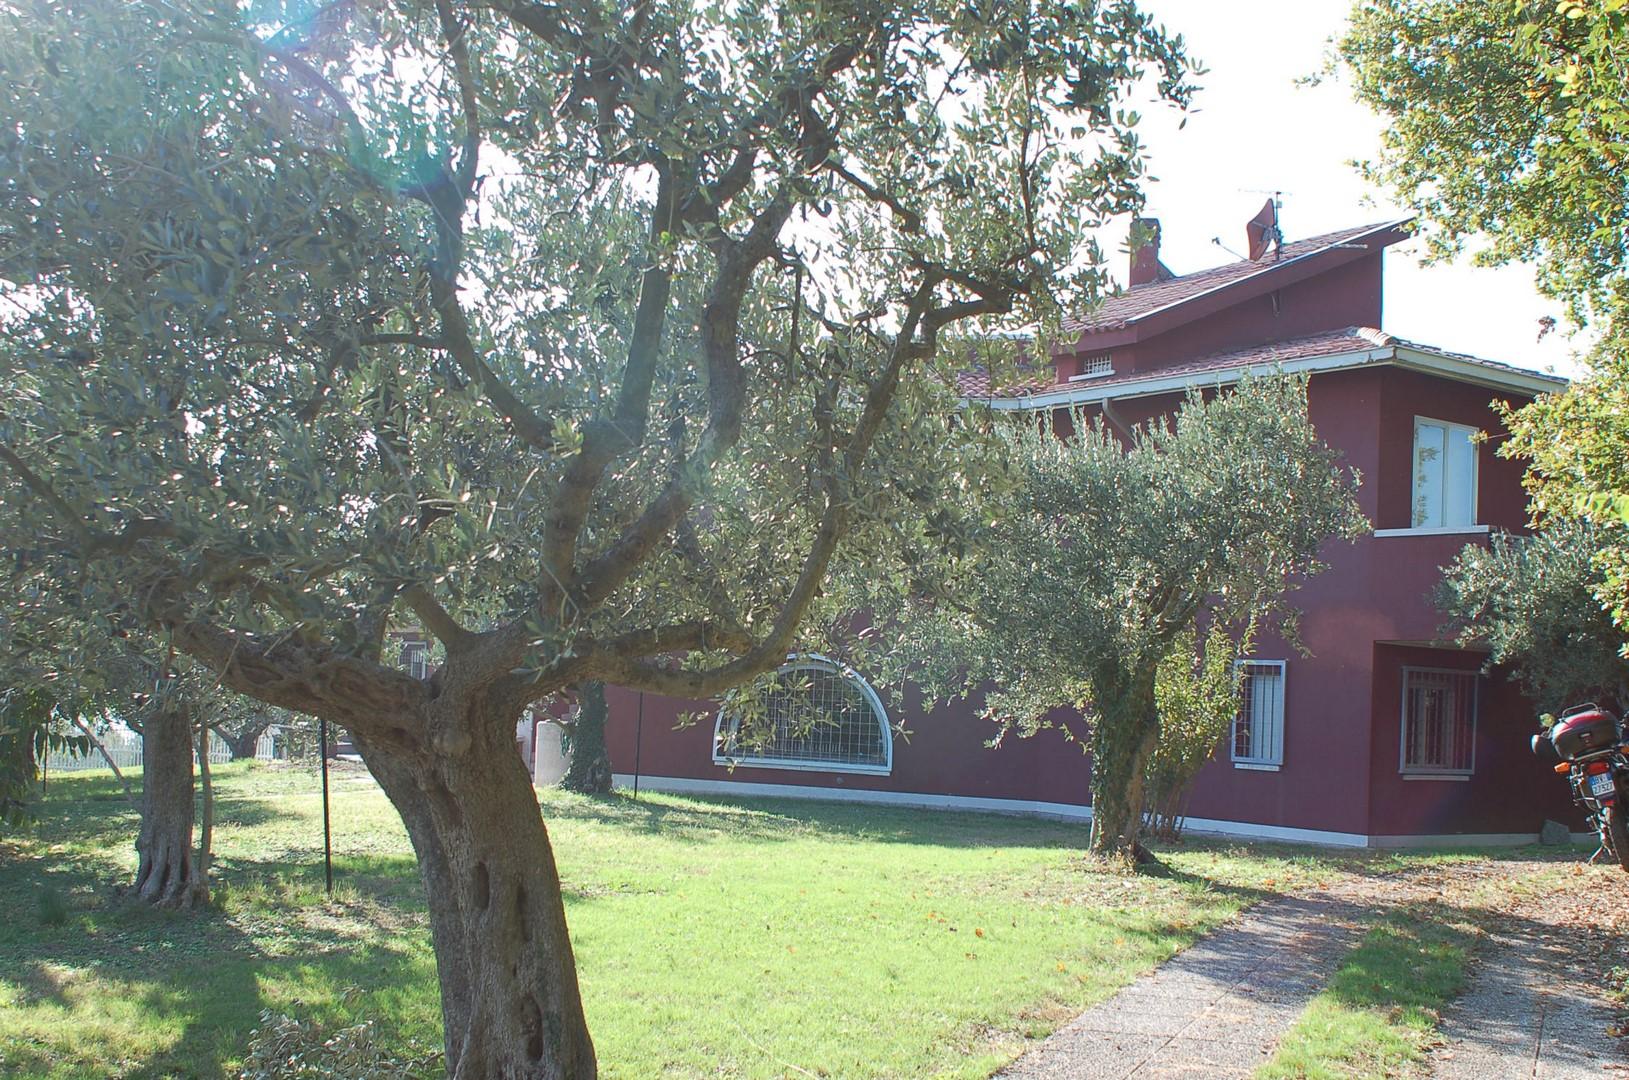 Villa in vendita a Colognola ai Colli, 10 locali, zona Località: MonteconVilla(capoluogo, prezzo € 560.000 | Cambio Casa.it